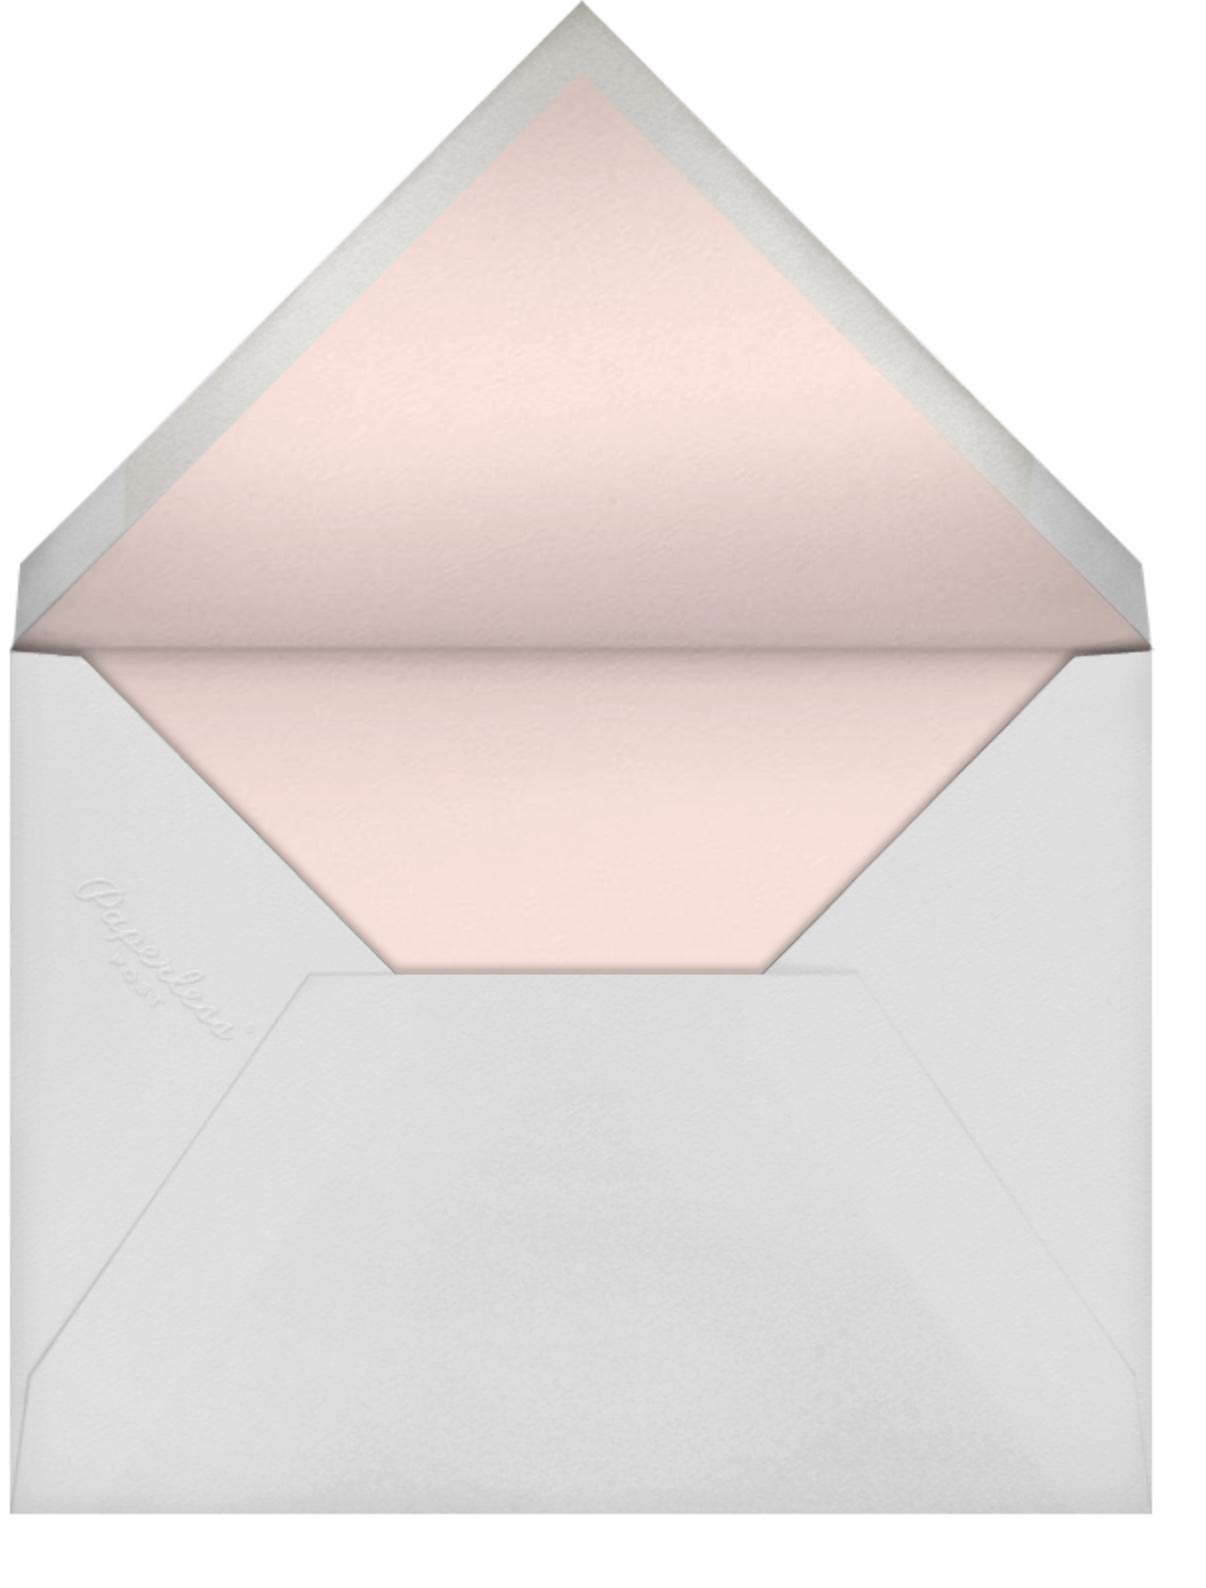 Leaf Lace I (Tall) - Pink - Oscar de la Renta - Wedding - envelope back